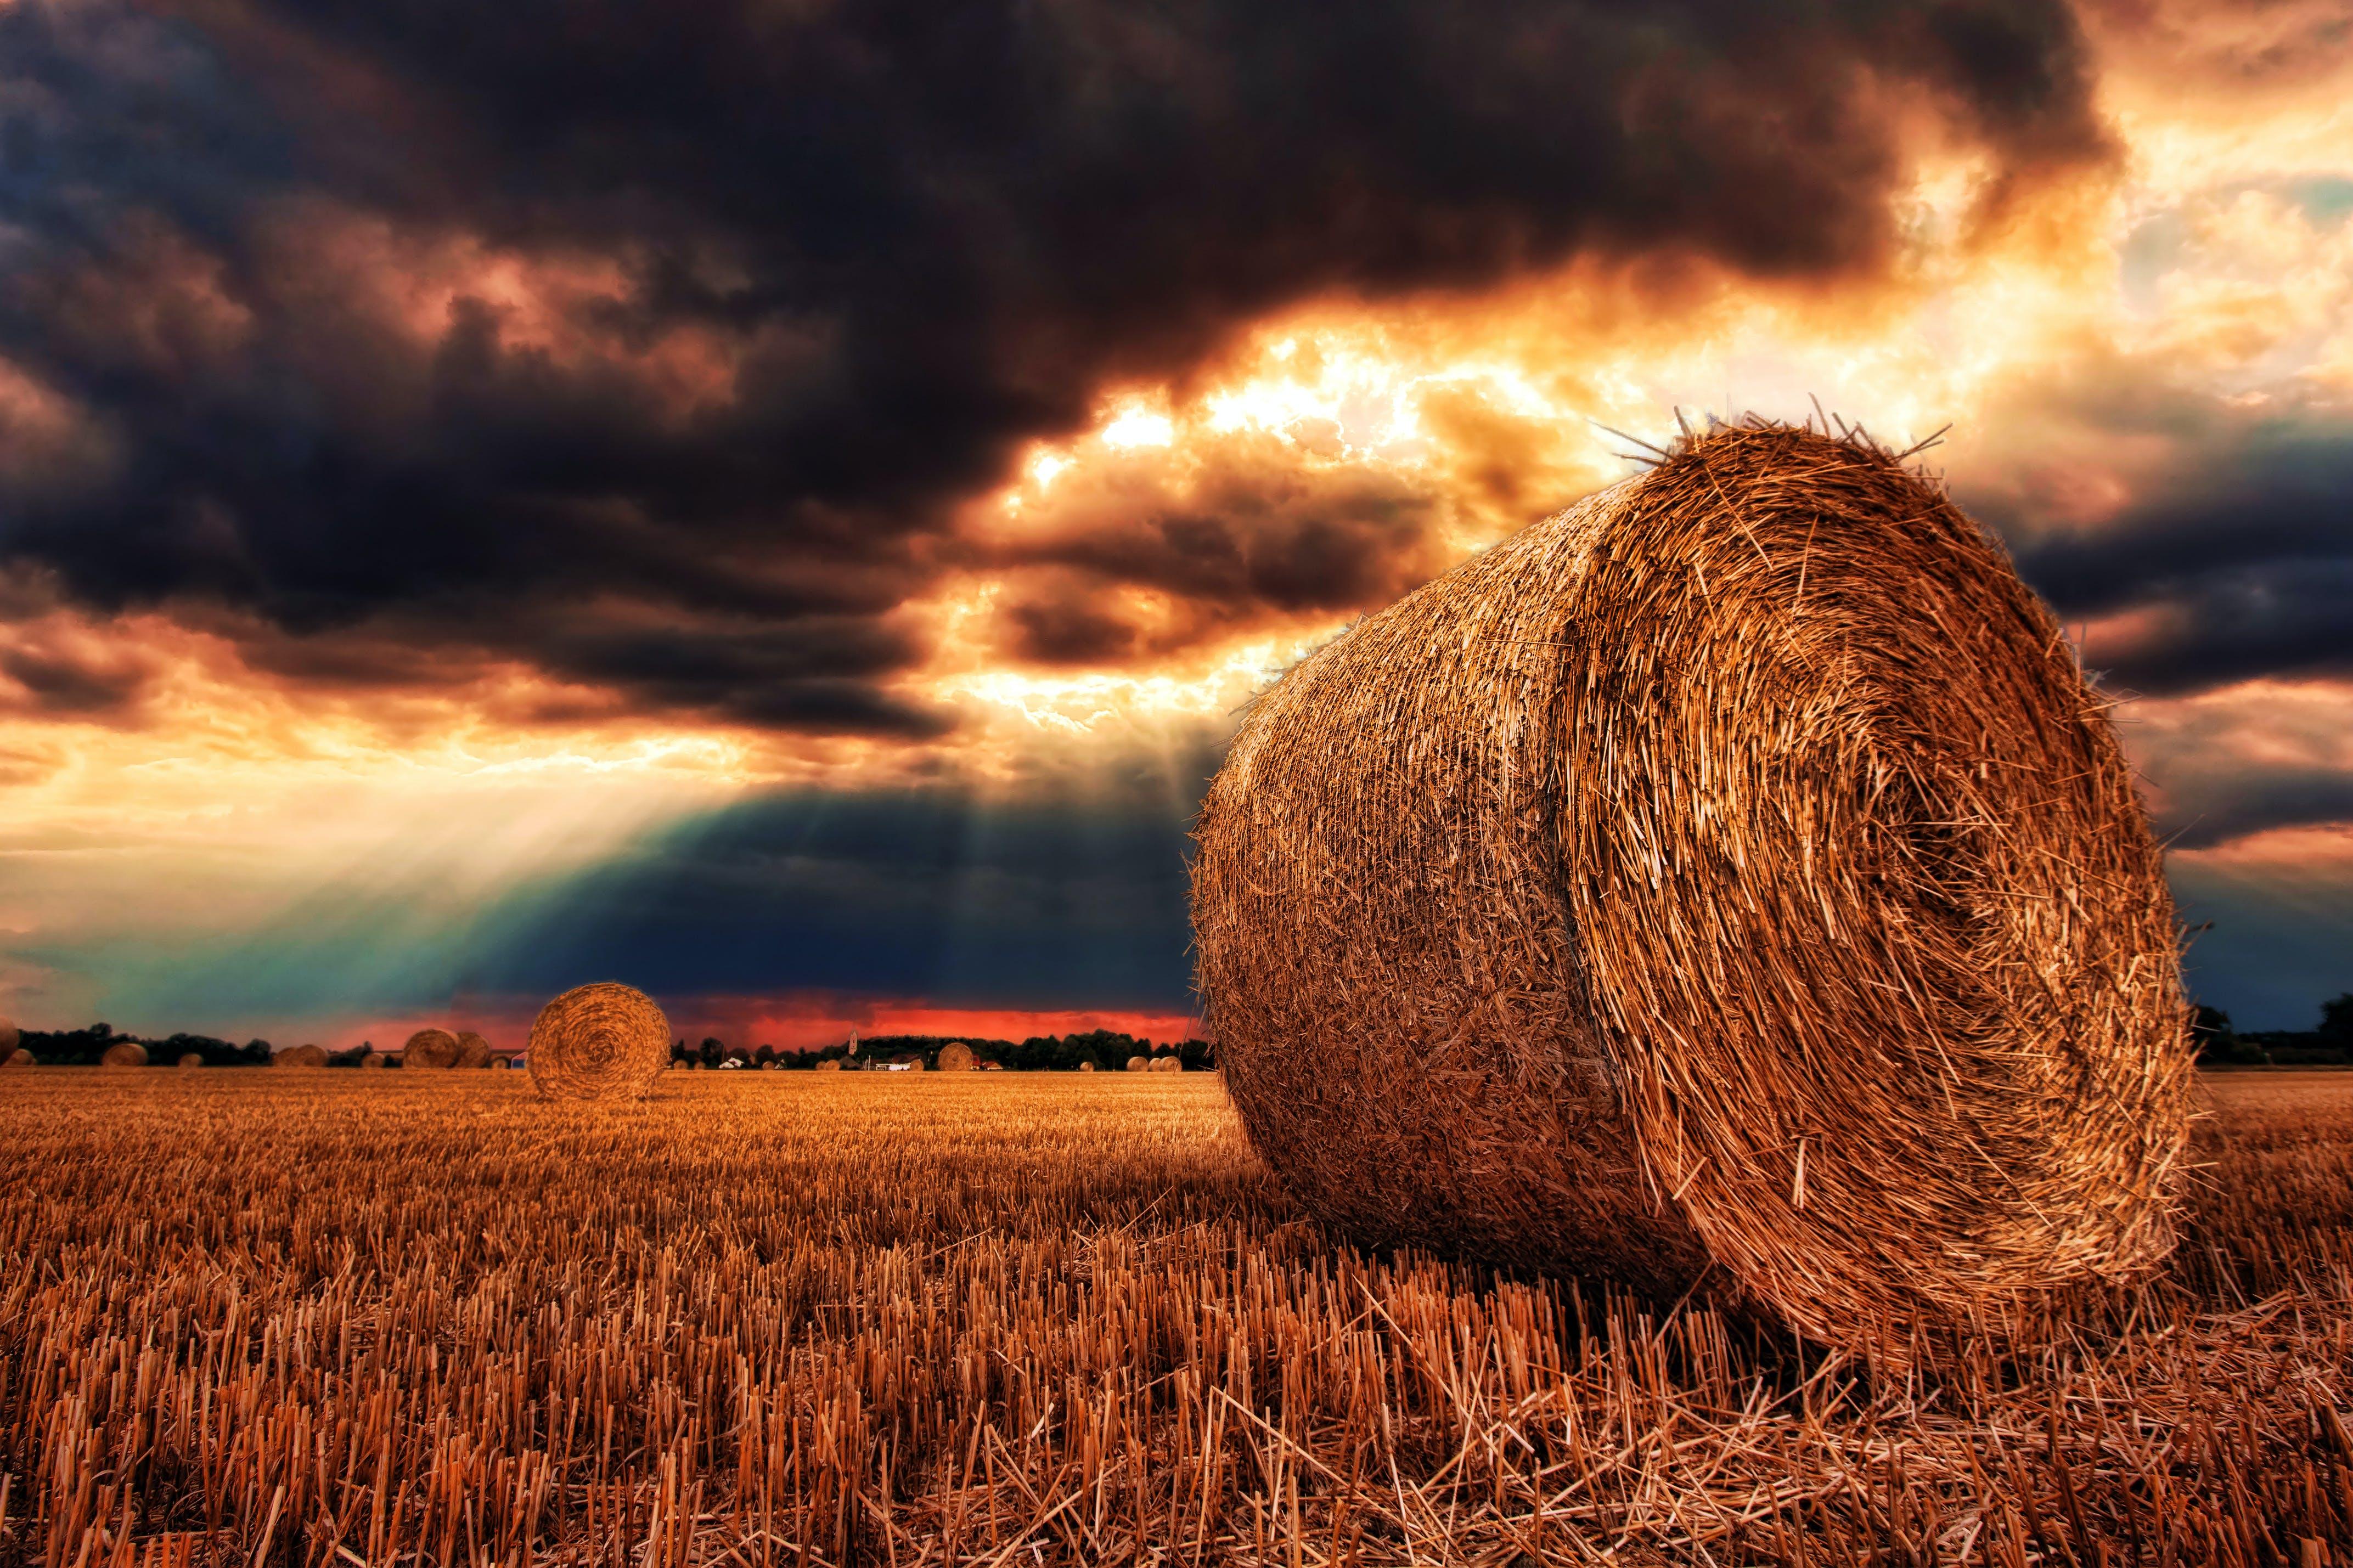 คลังภาพถ่ายฟรี ของ ตะวันลับฟ้า, ทุ่งเลี้ยงสัตว์, นา, พืชผล